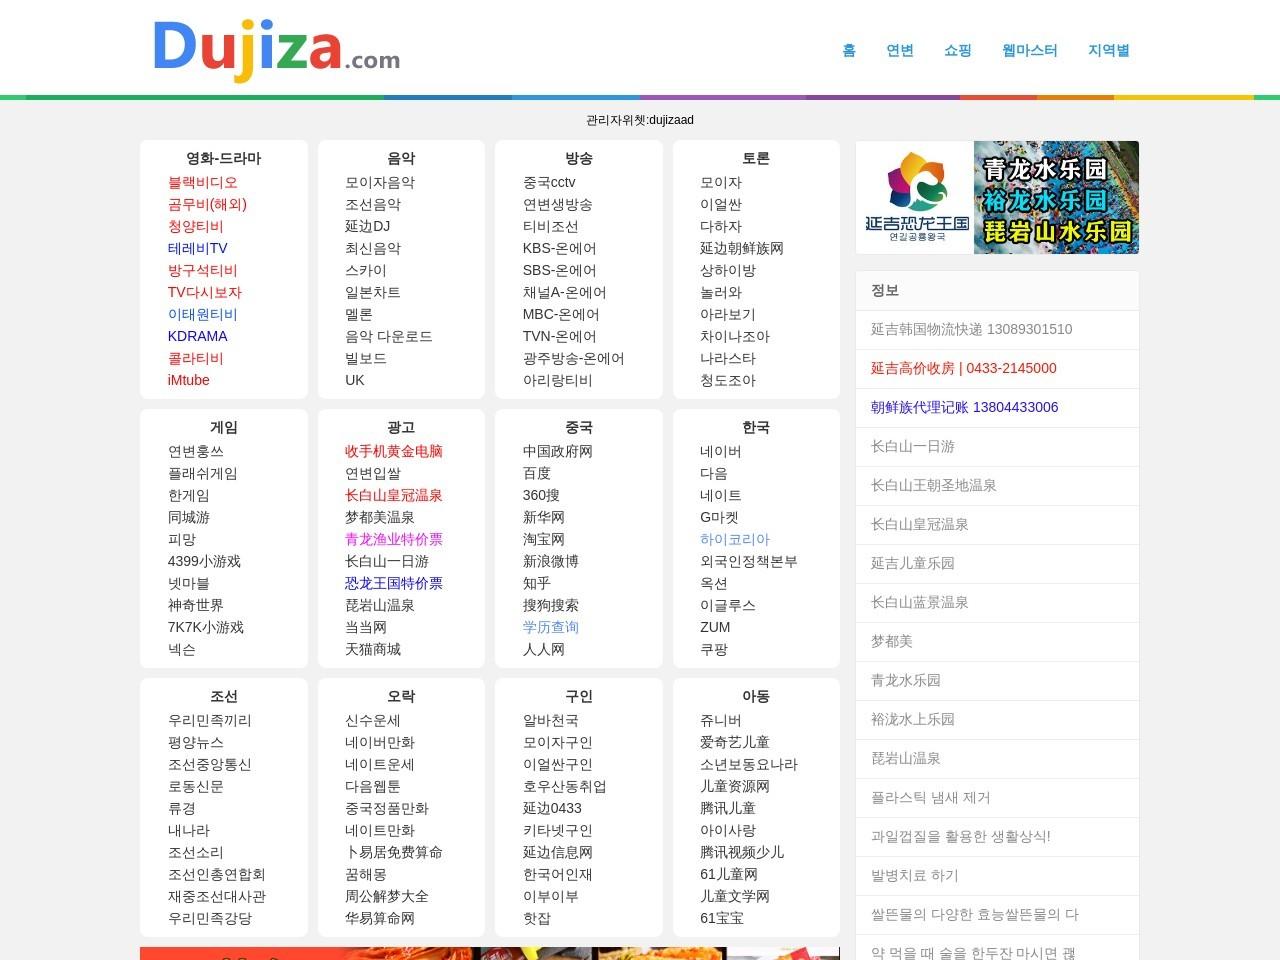 朝鮮族網址站-朝鮮語網站 dujiza.com截圖